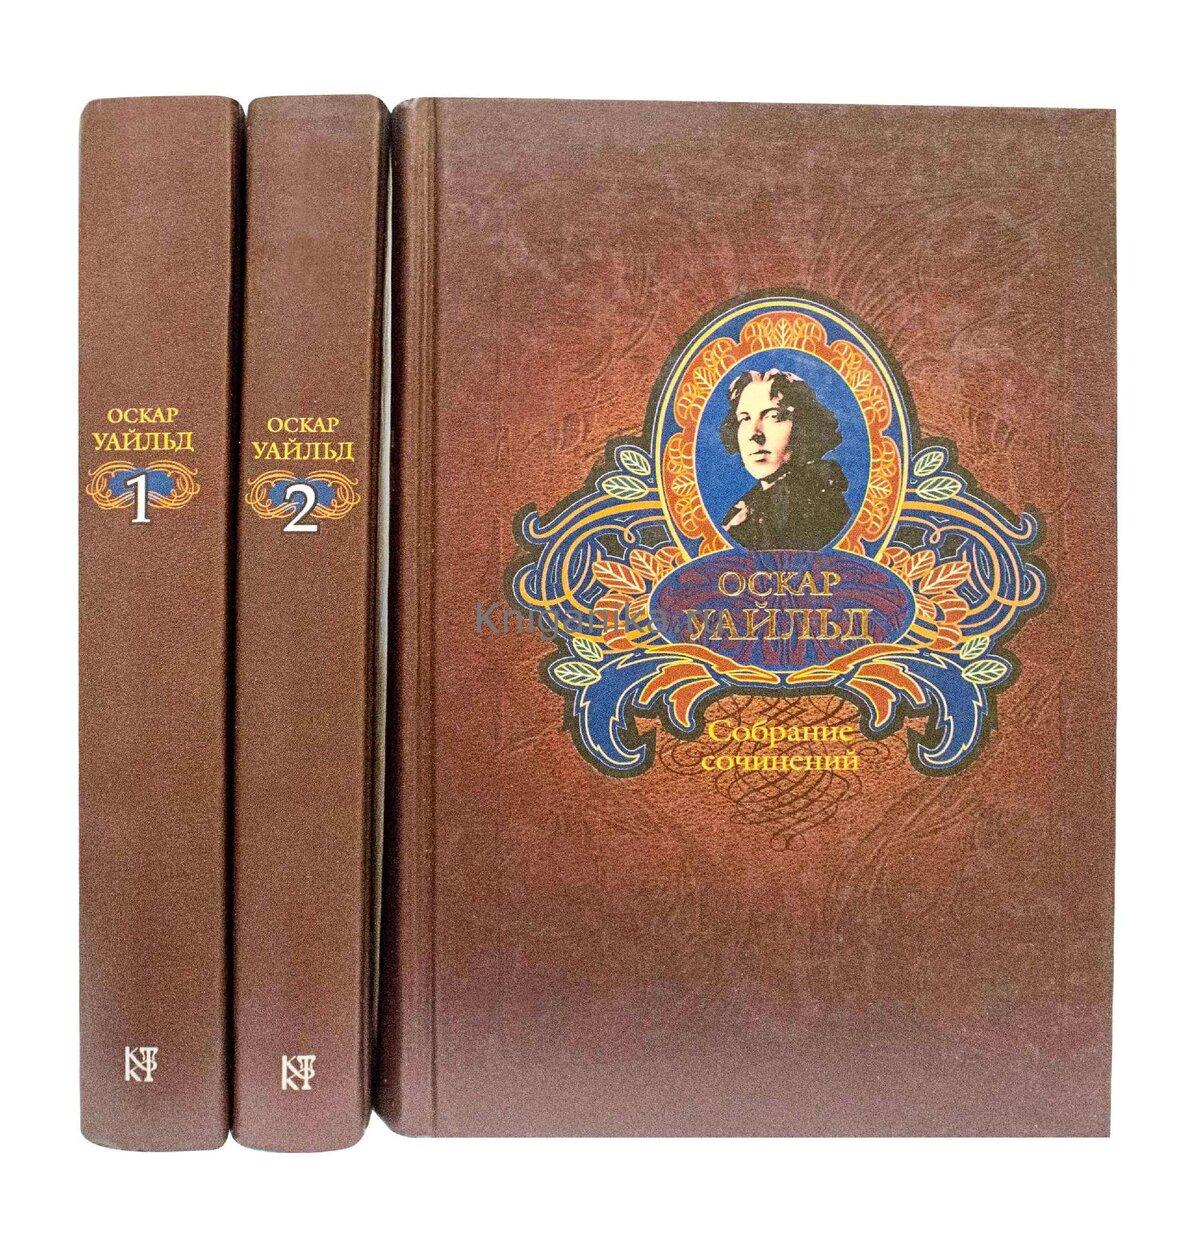 Оскар Уайльд - Собрание сочинений в трёх томах, скачать djvu